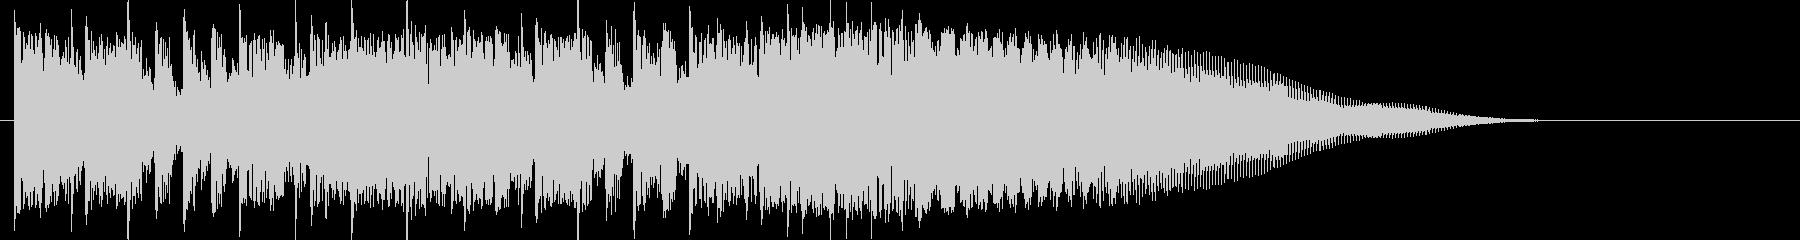 カントリー風ギターイントロ-02の未再生の波形